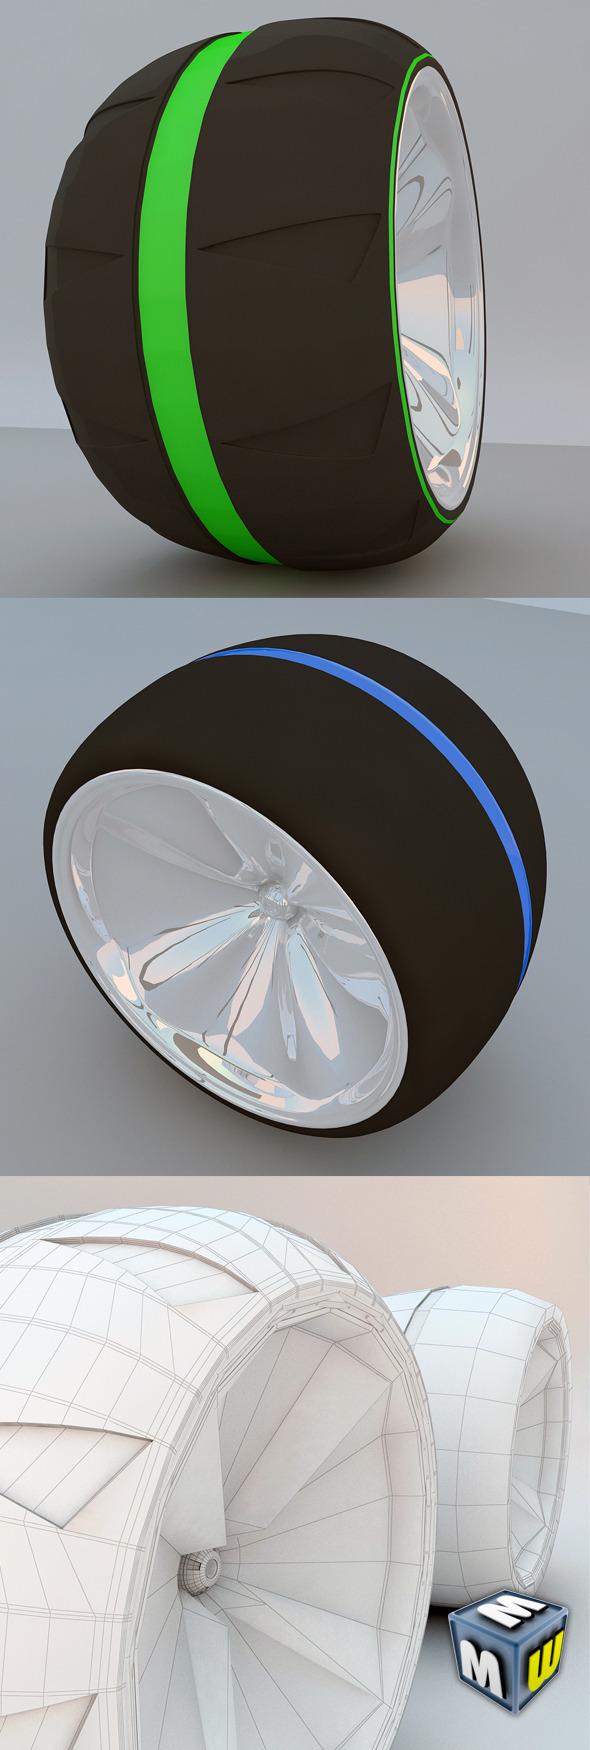 Futuristic Wheel Concept MAX 2011 - 3DOcean Item for Sale